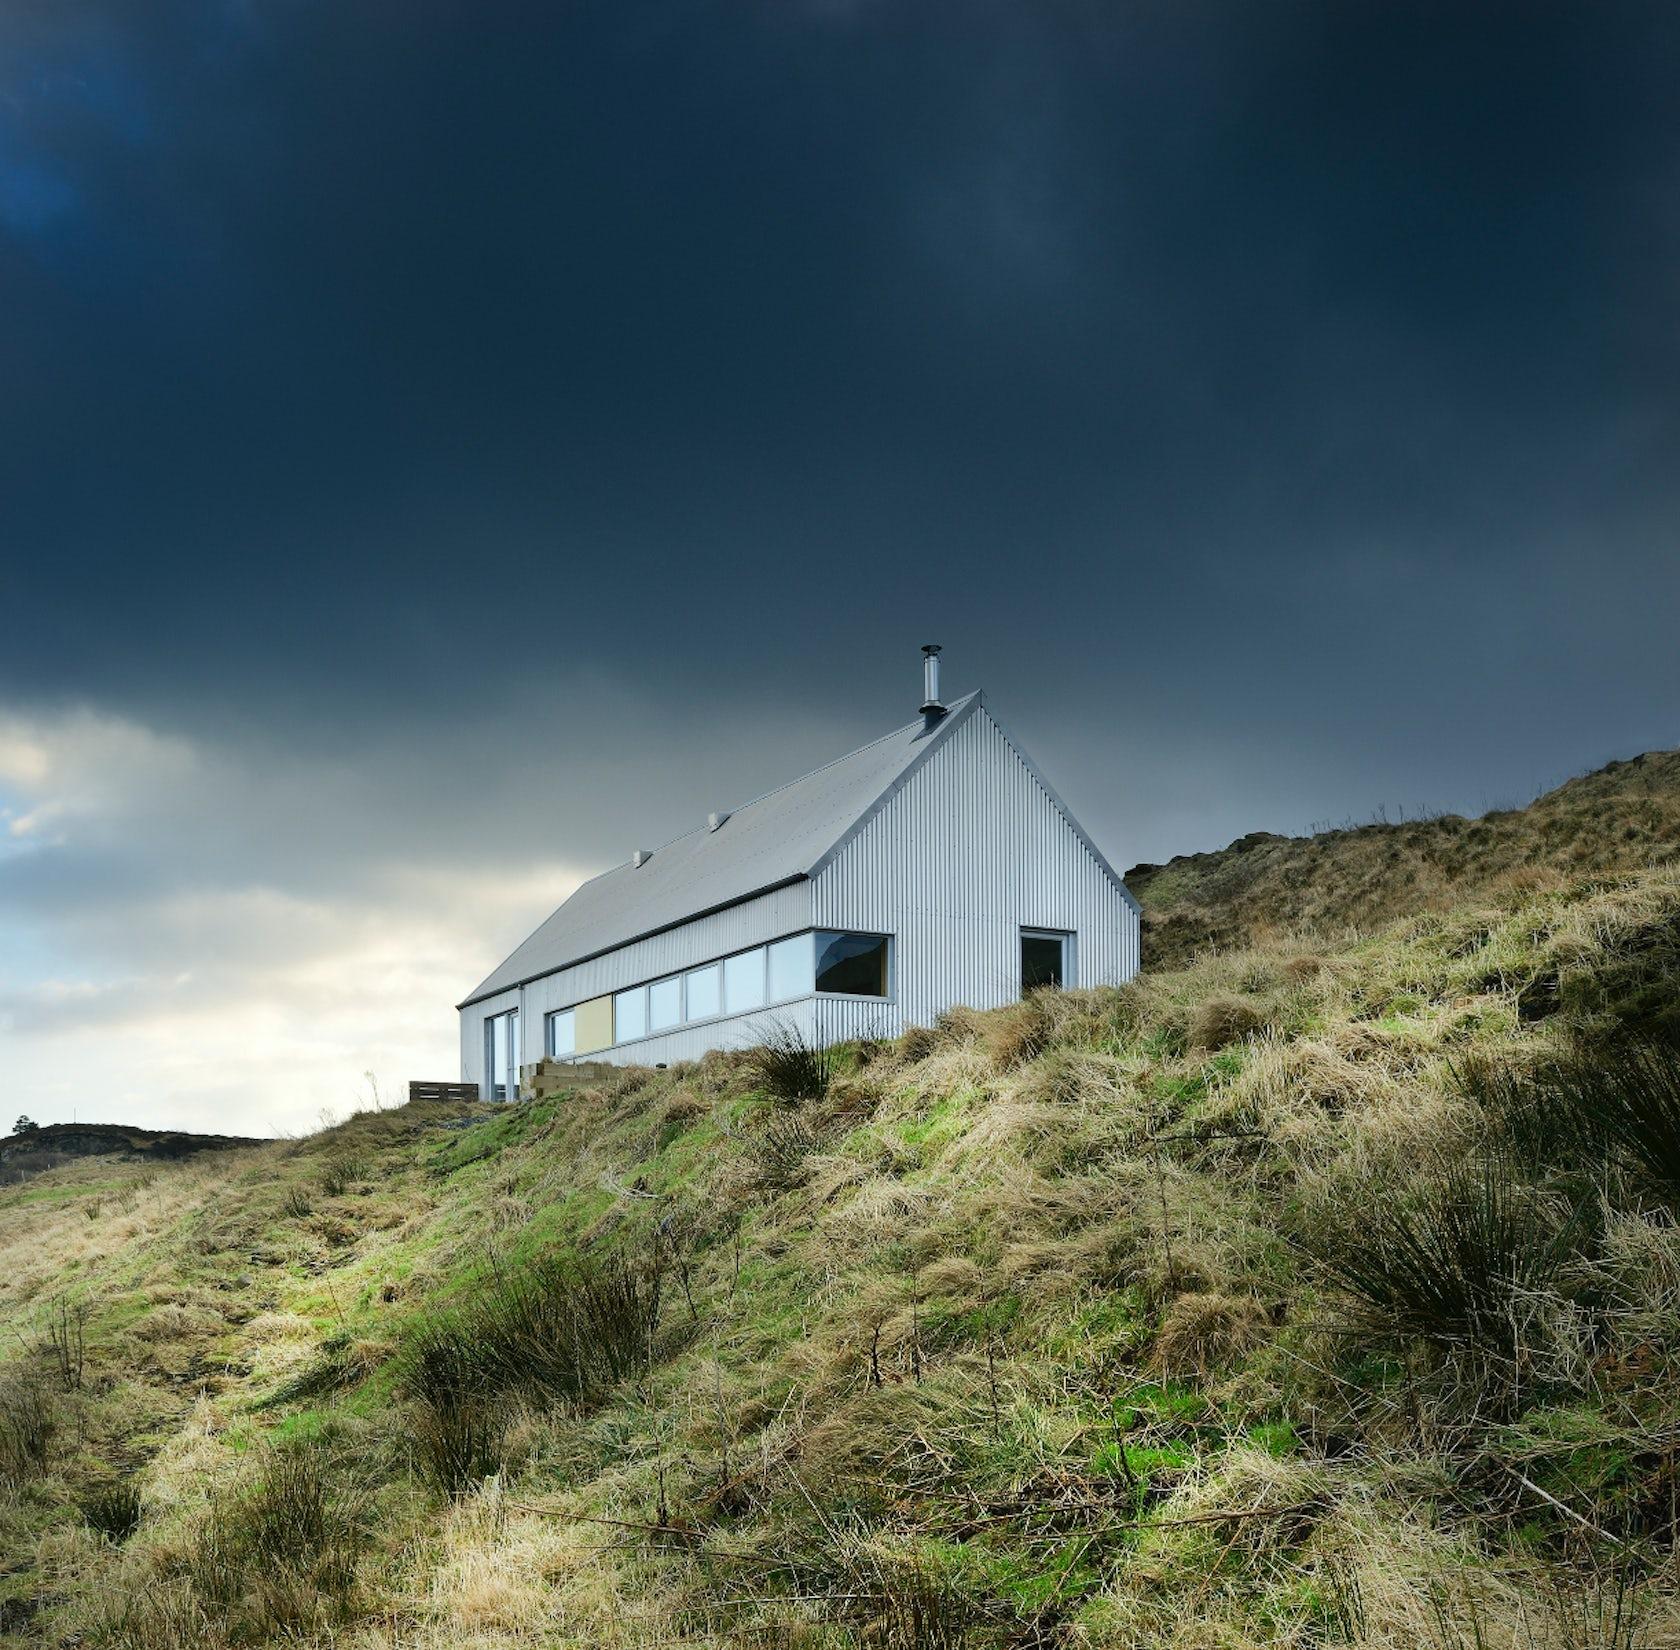 Tinhouse Rural Design: Architizer